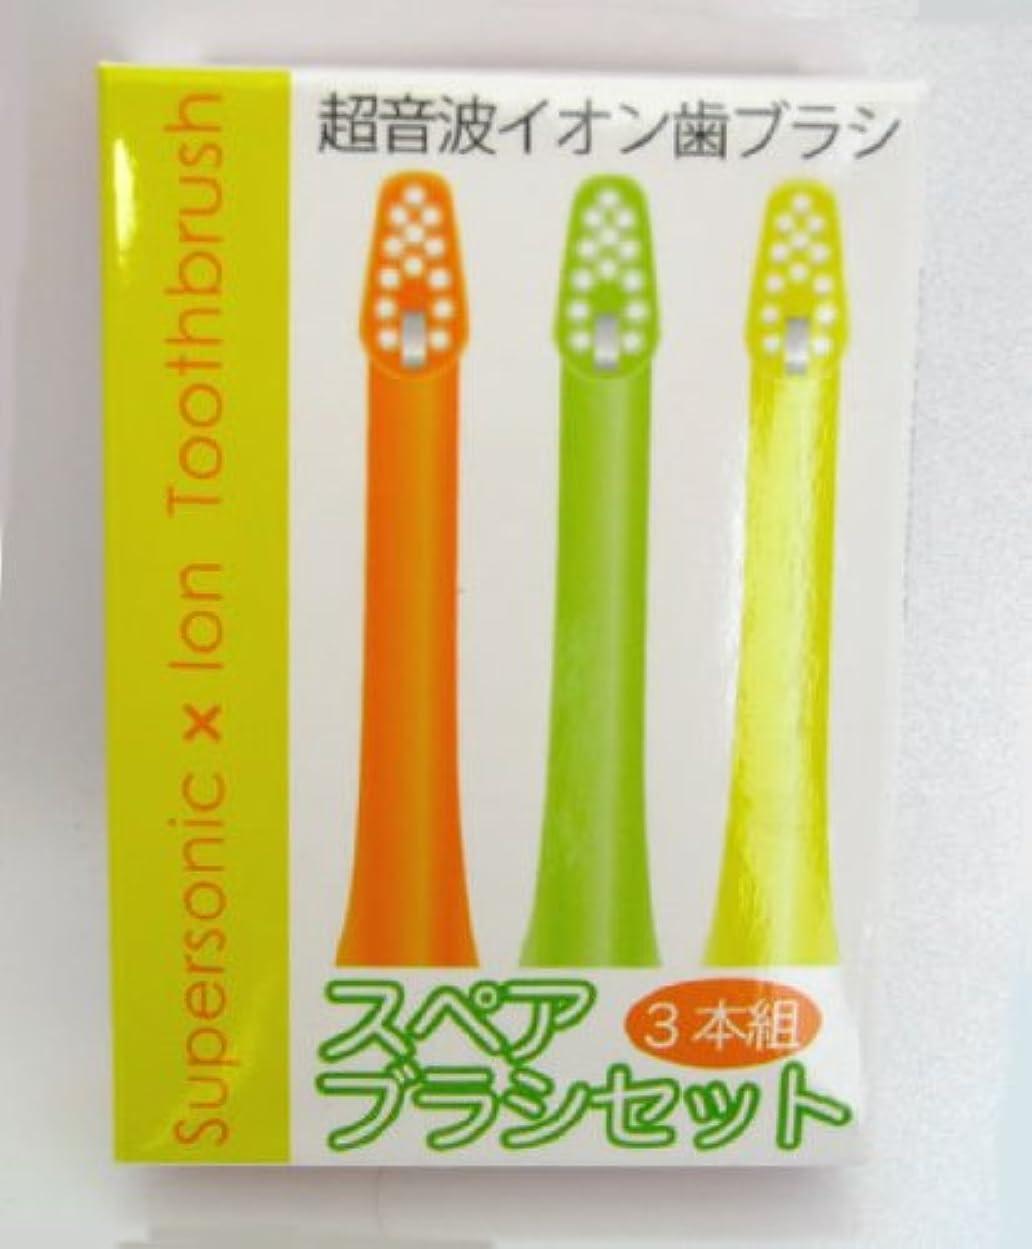 仕立て屋くさび篭超音波イオン歯ブラシ専用スペアブラシ3本セット(交換用ブラシ)